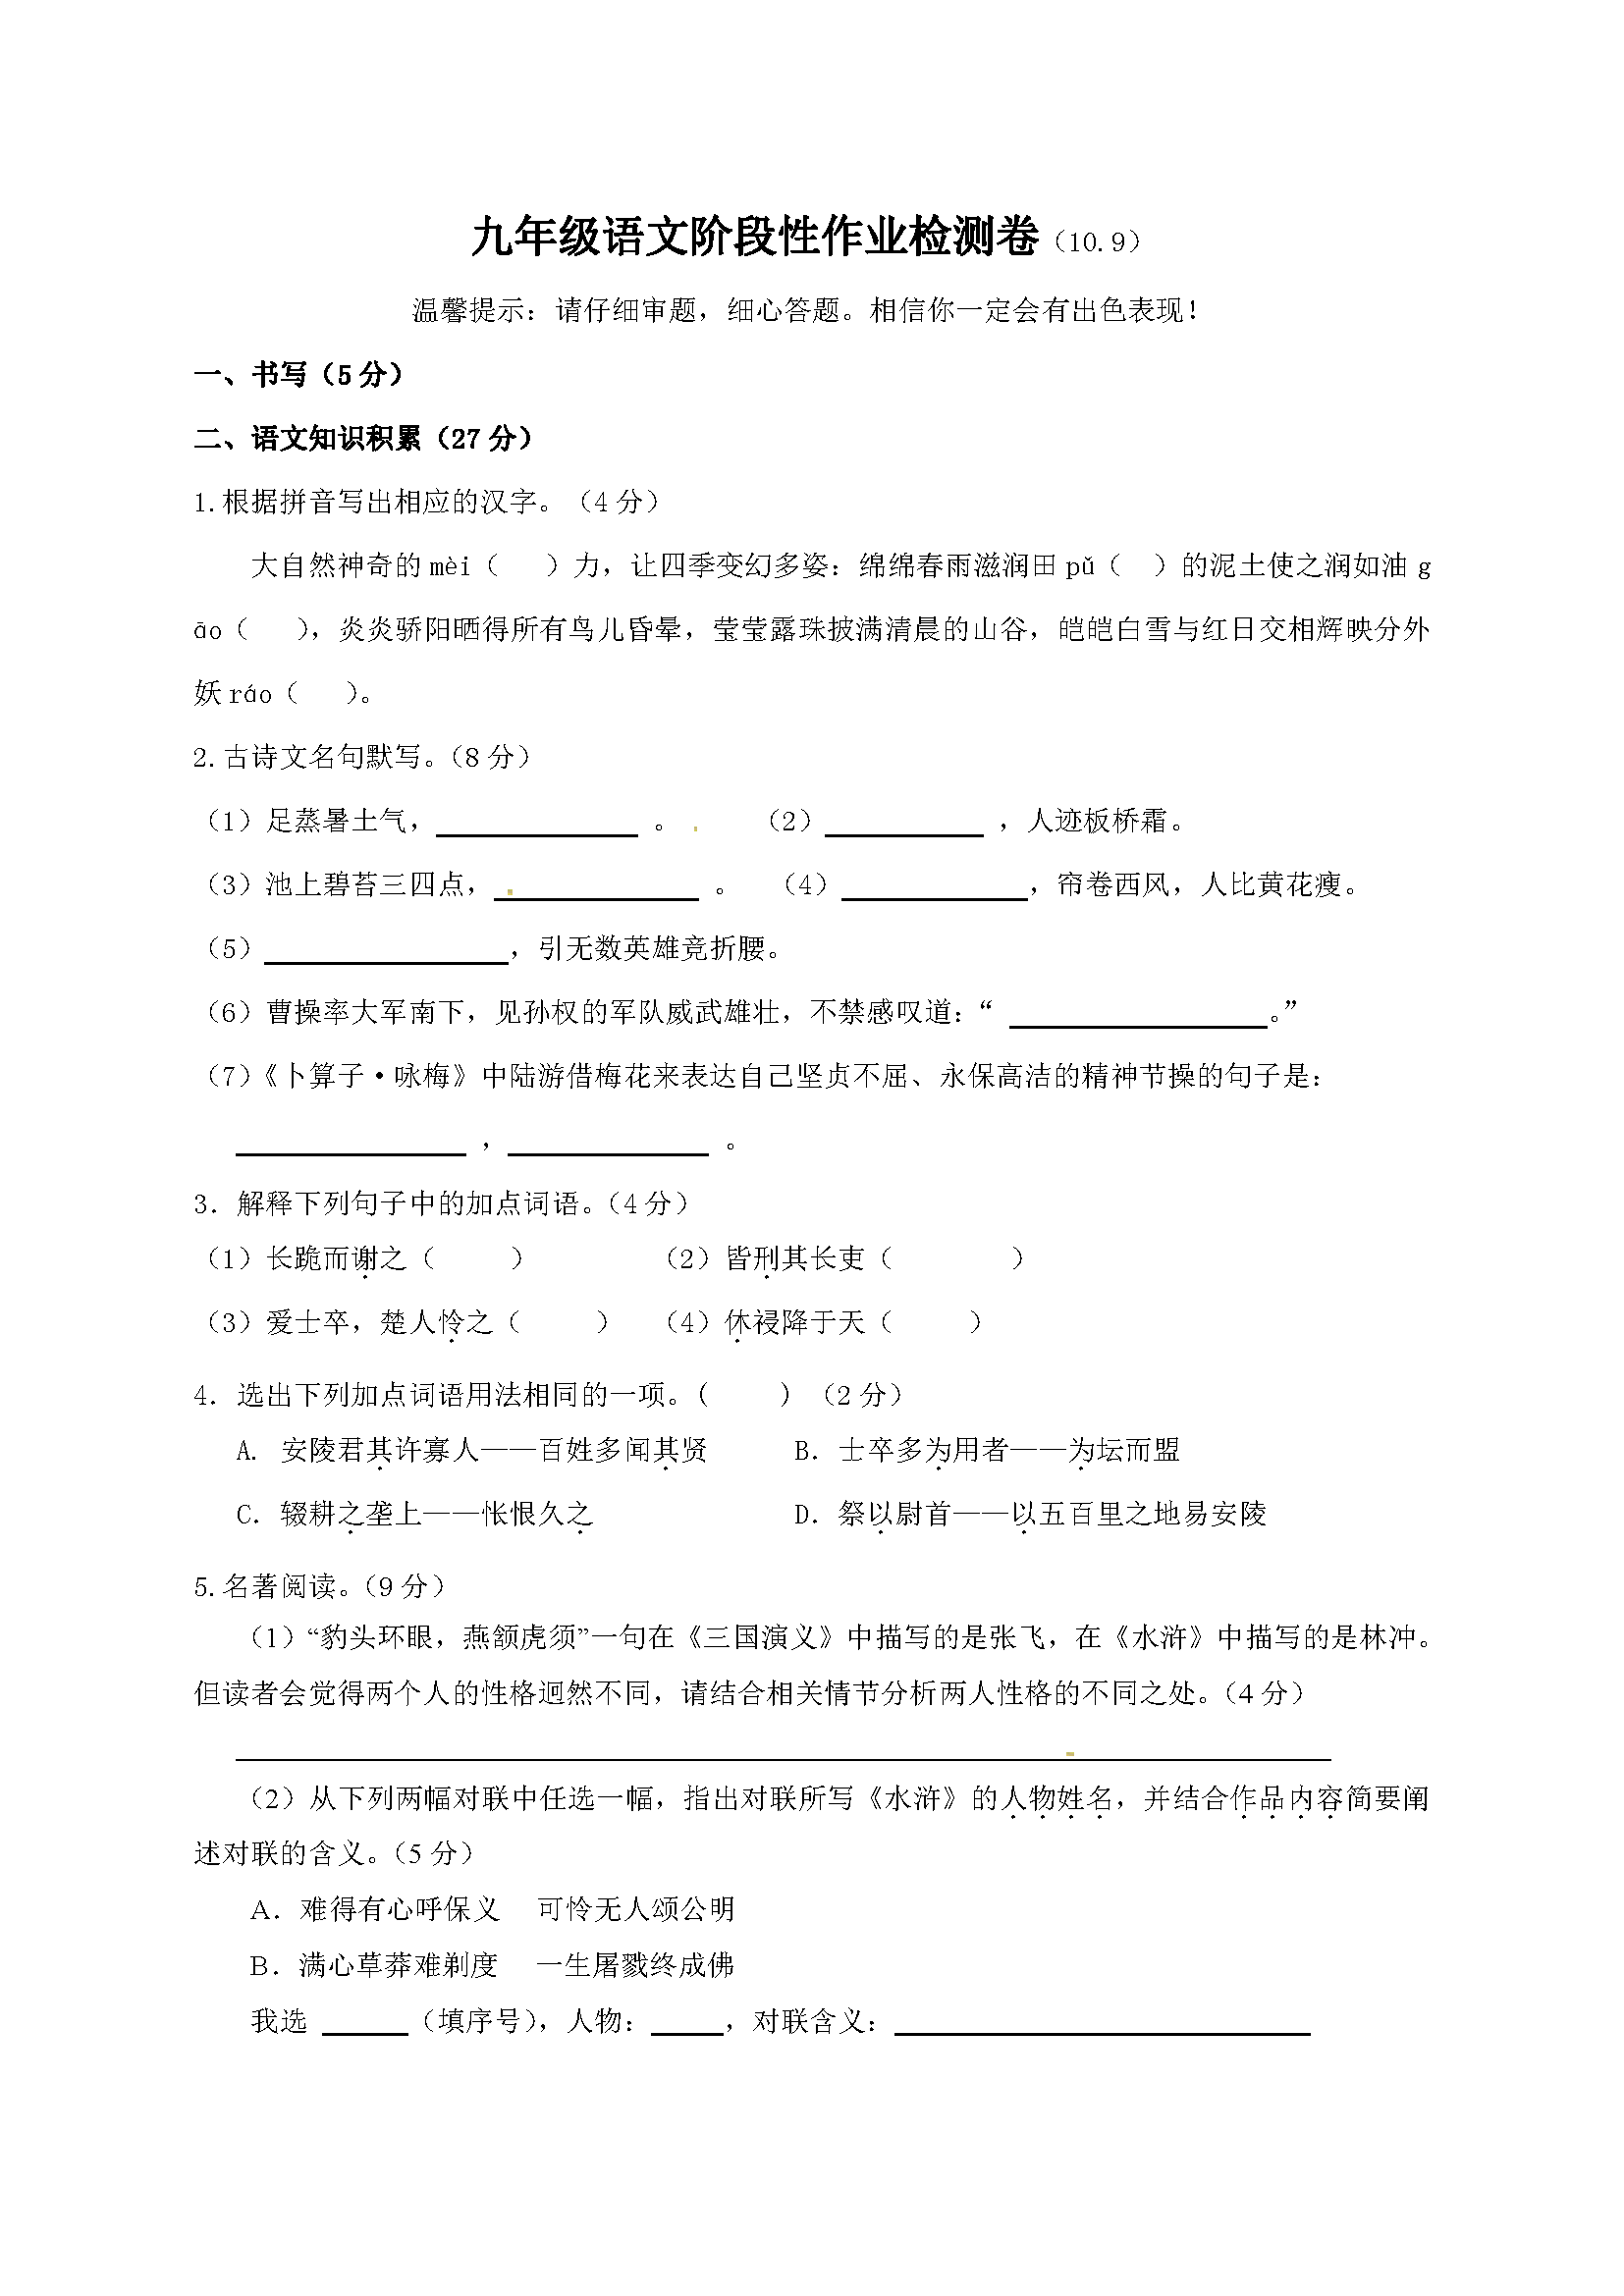 浙江义乌绣湖中学2018九年级10月阶段检测语文试题(图片版)